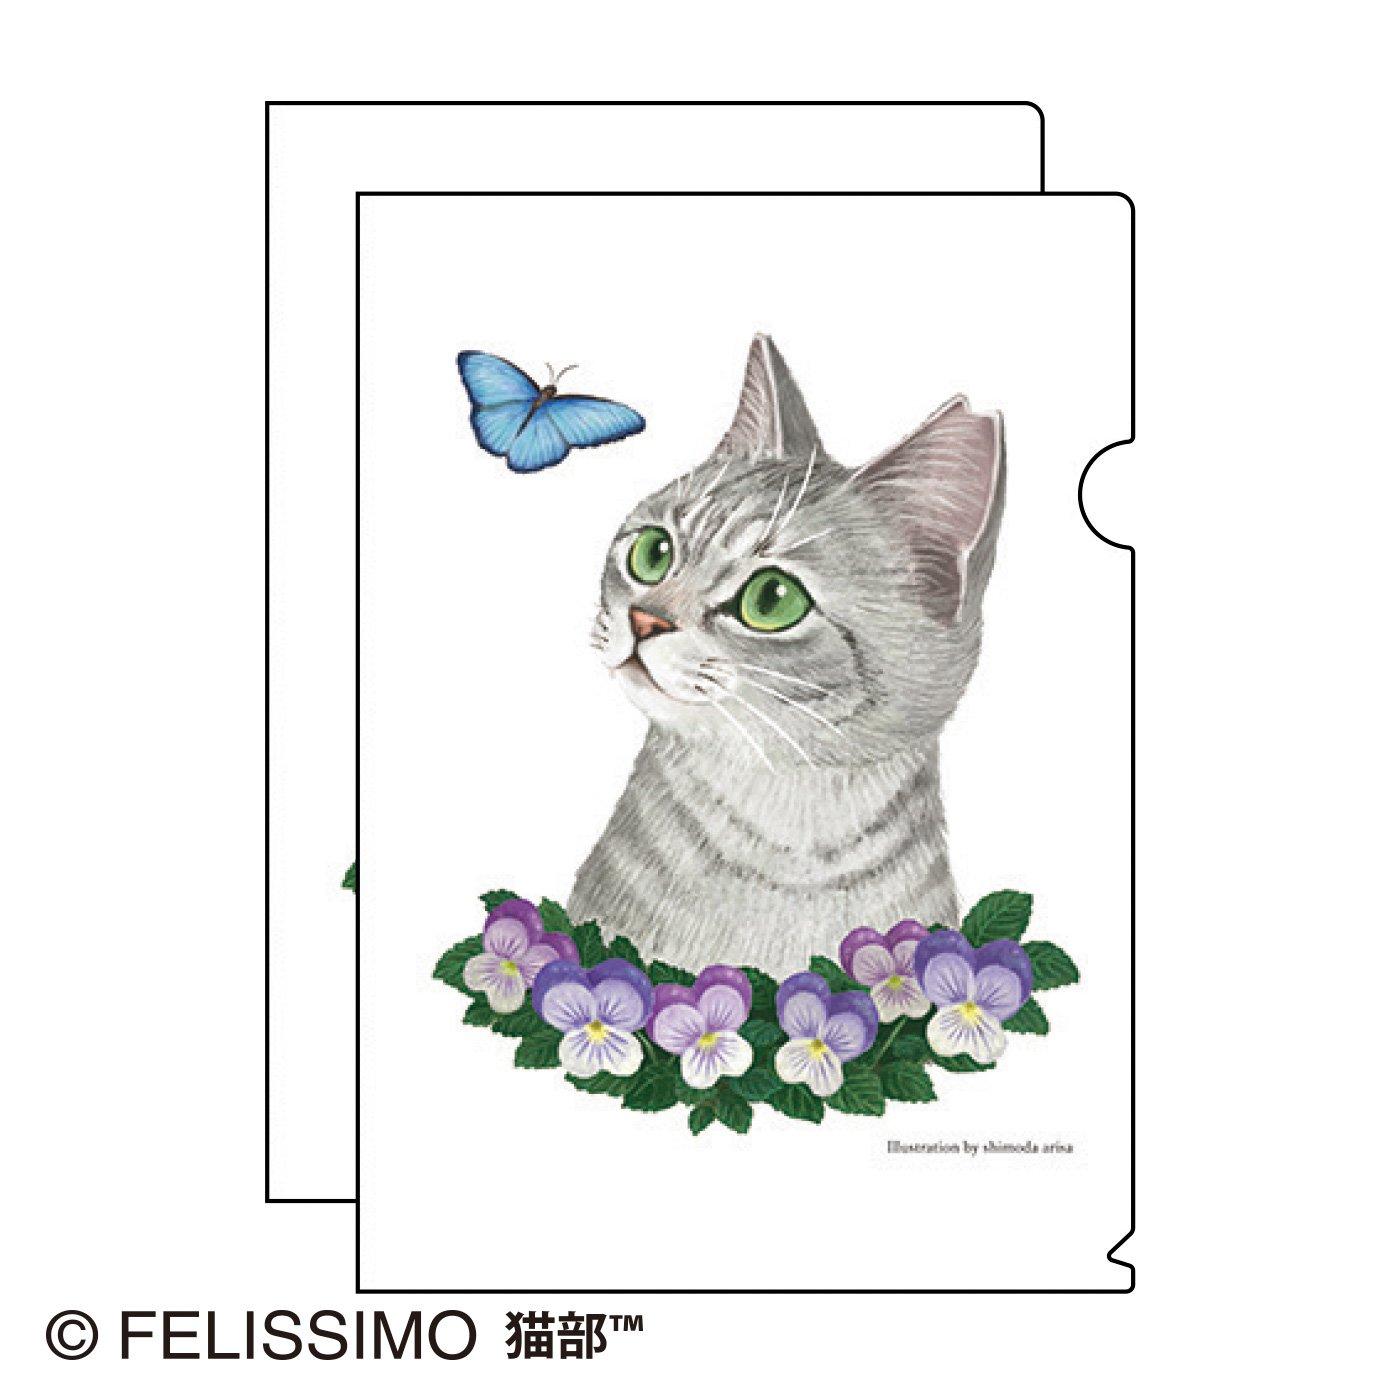 霜田有沙×猫部 地域猫チャリティークリアファイル2021